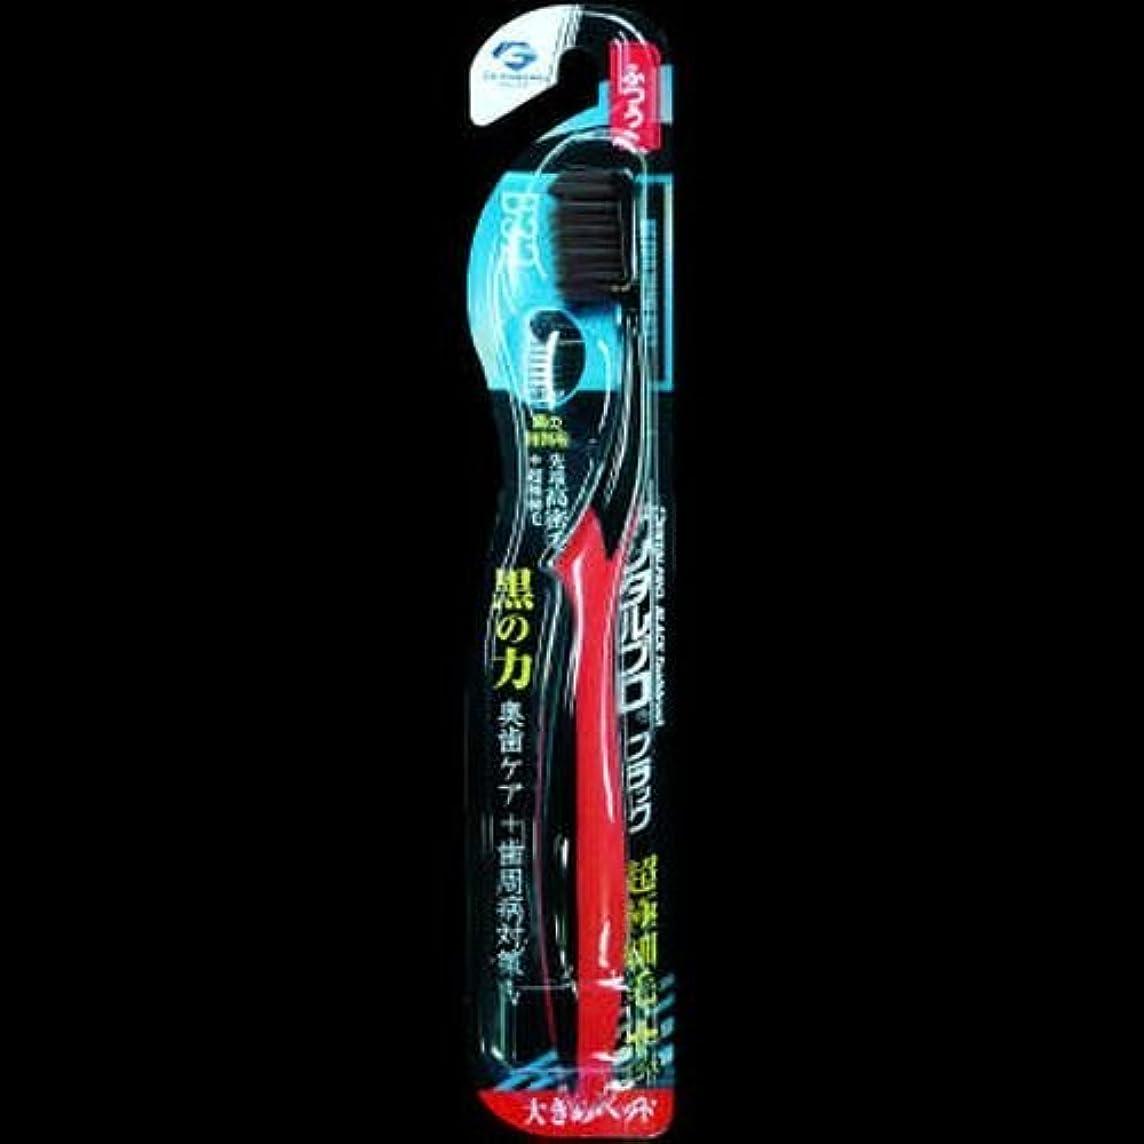 反映する構造的どこにでもデンタルプロ ブラック歯ブラシ 超極細毛プラス大きめヘッド ふつう ×2セット